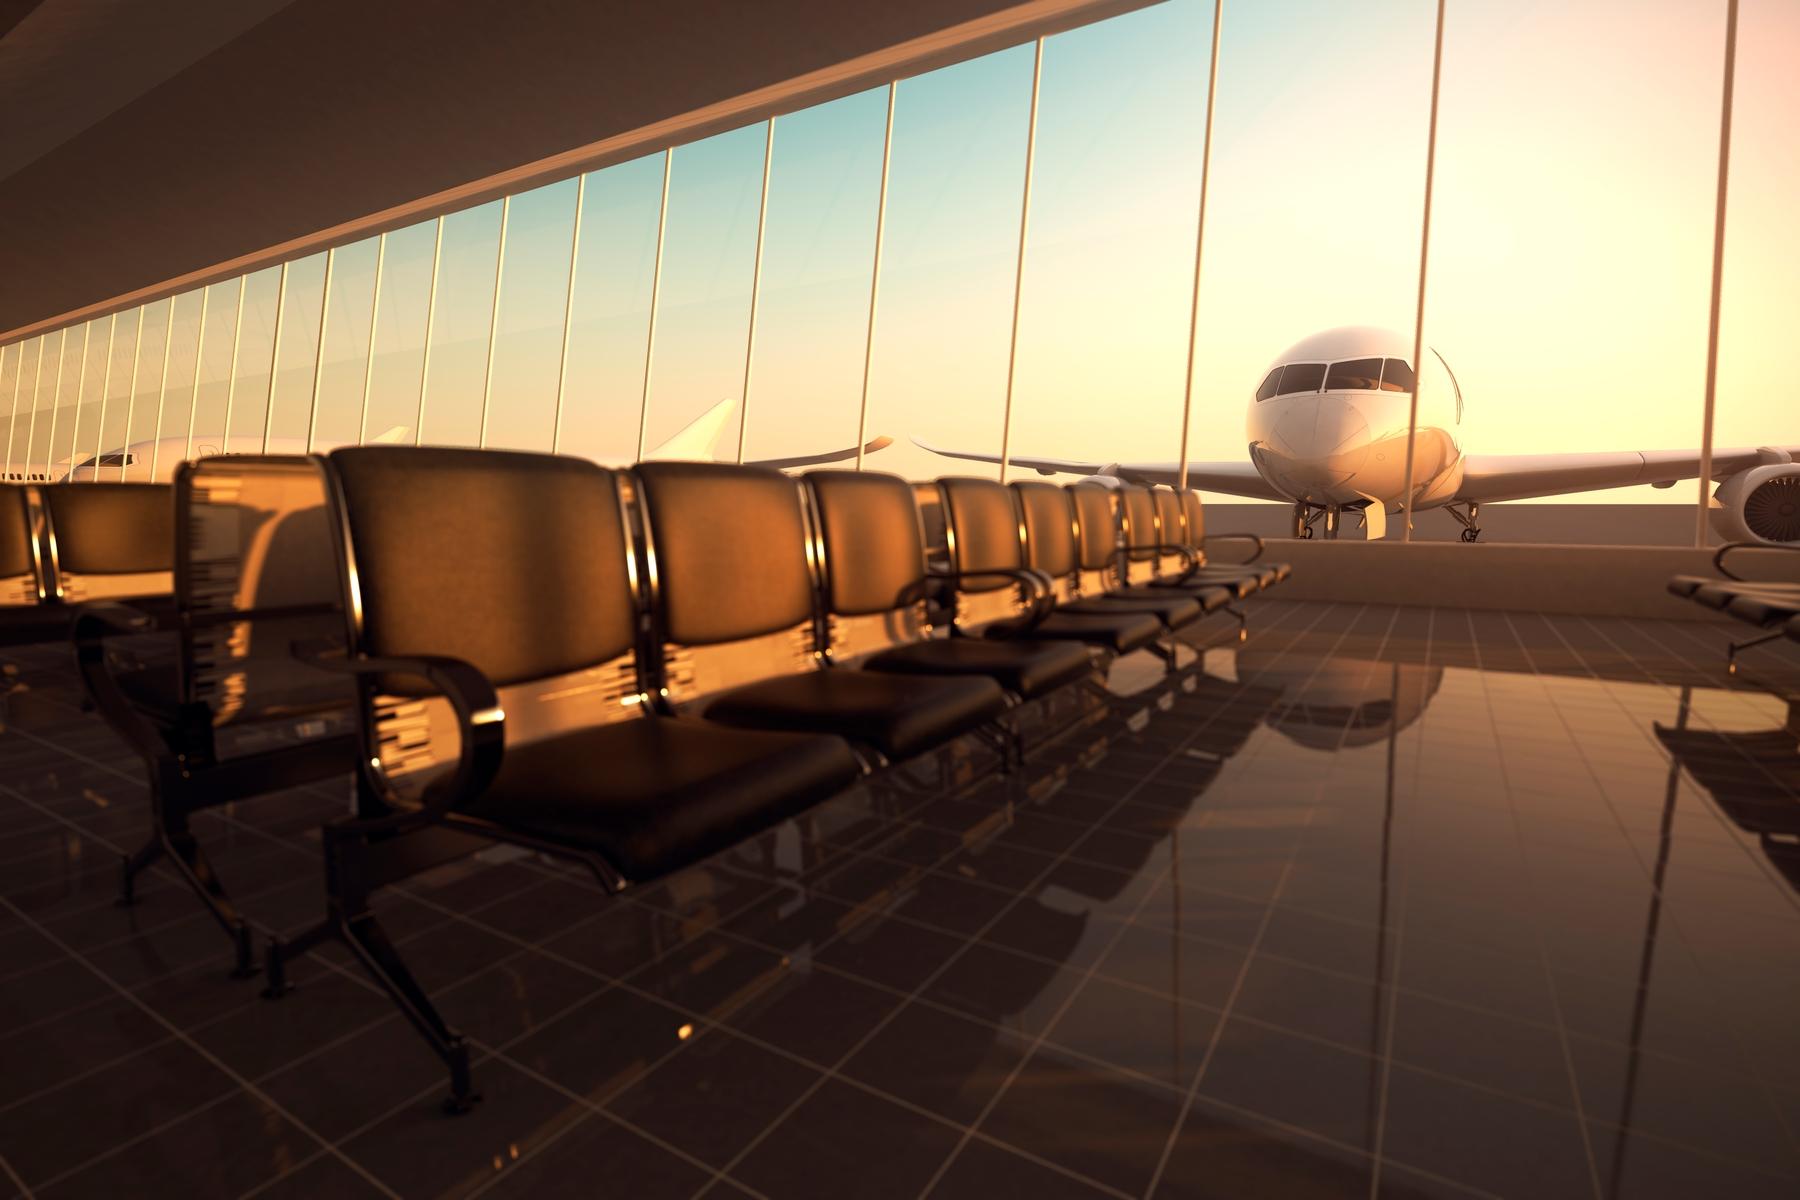 Zwrot biletu lotniczego w przypadku śmierci bliskiej osoby